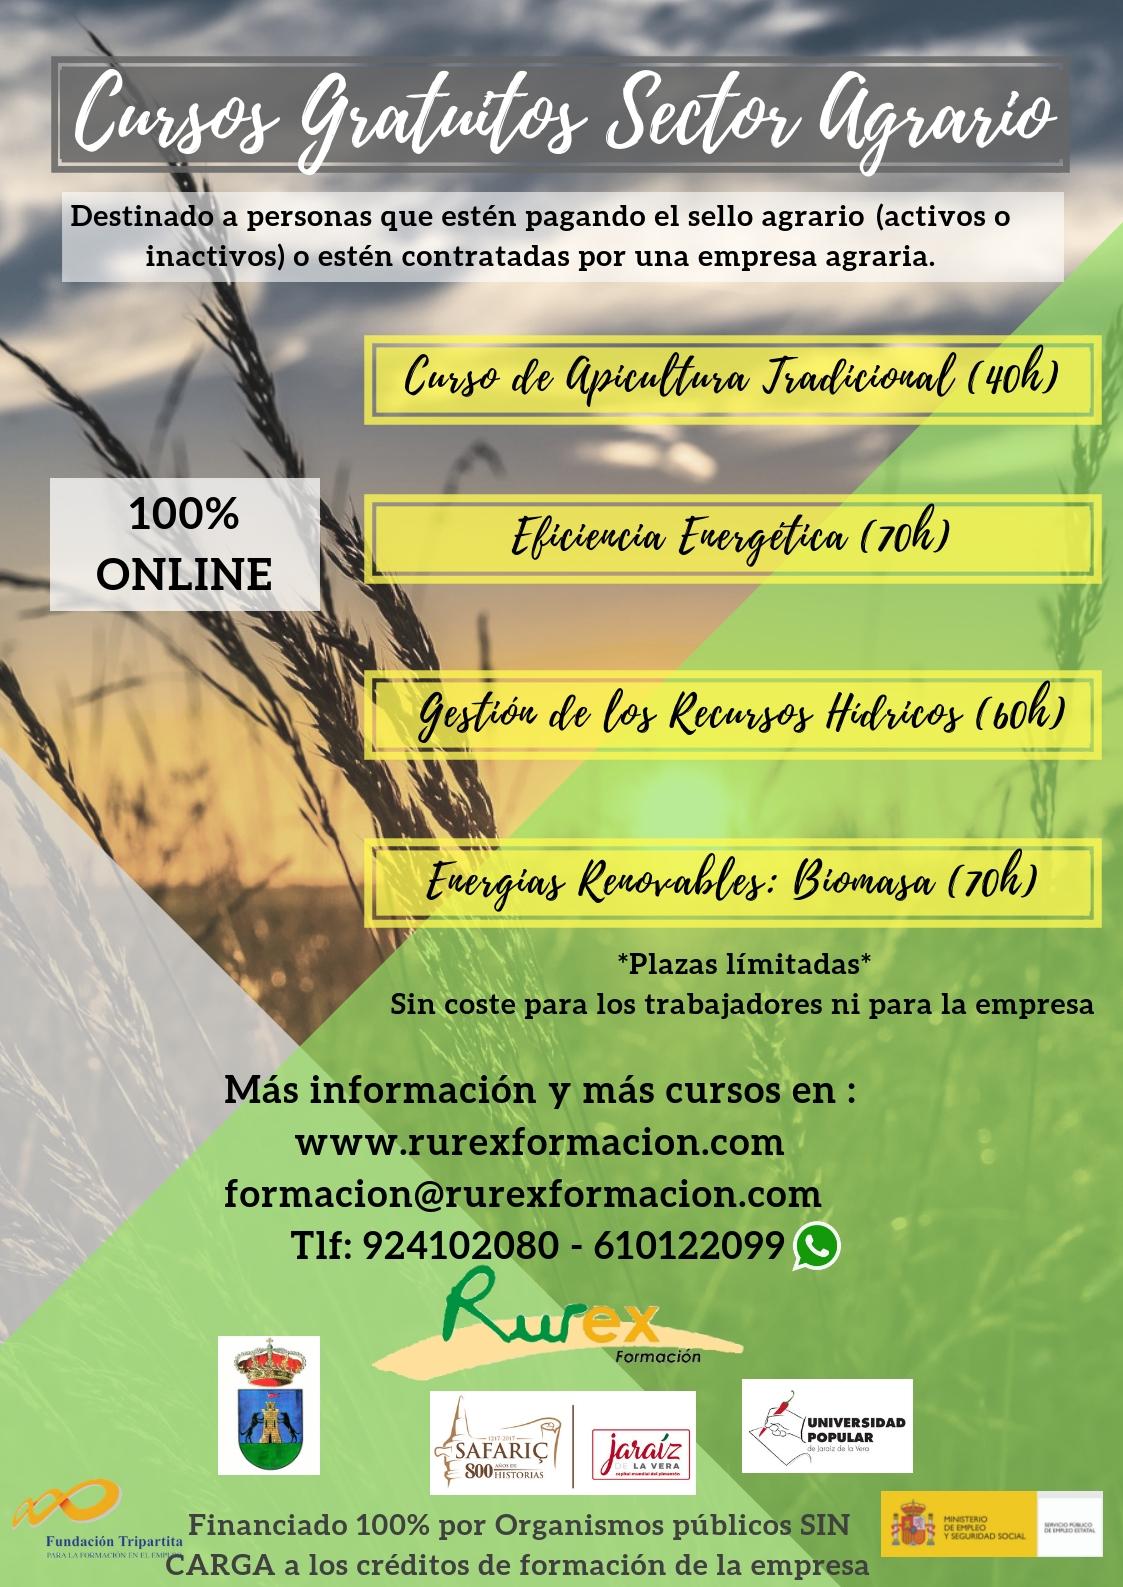 Cursos ON LINE gratuitos para el Sector Agrario